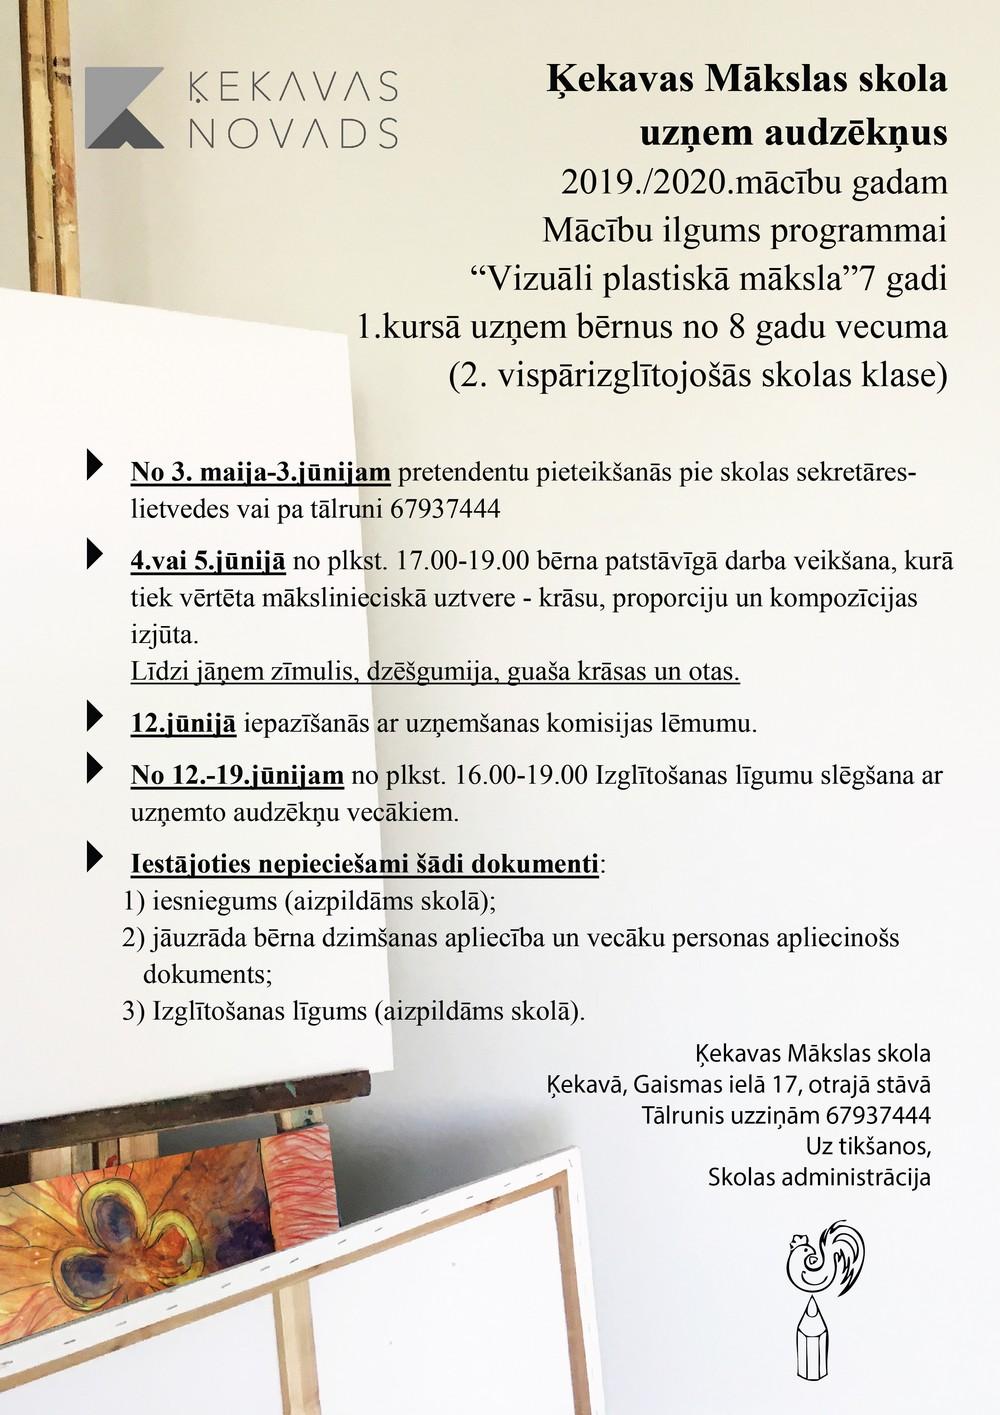 UZNEMSANA-01_ML_2019